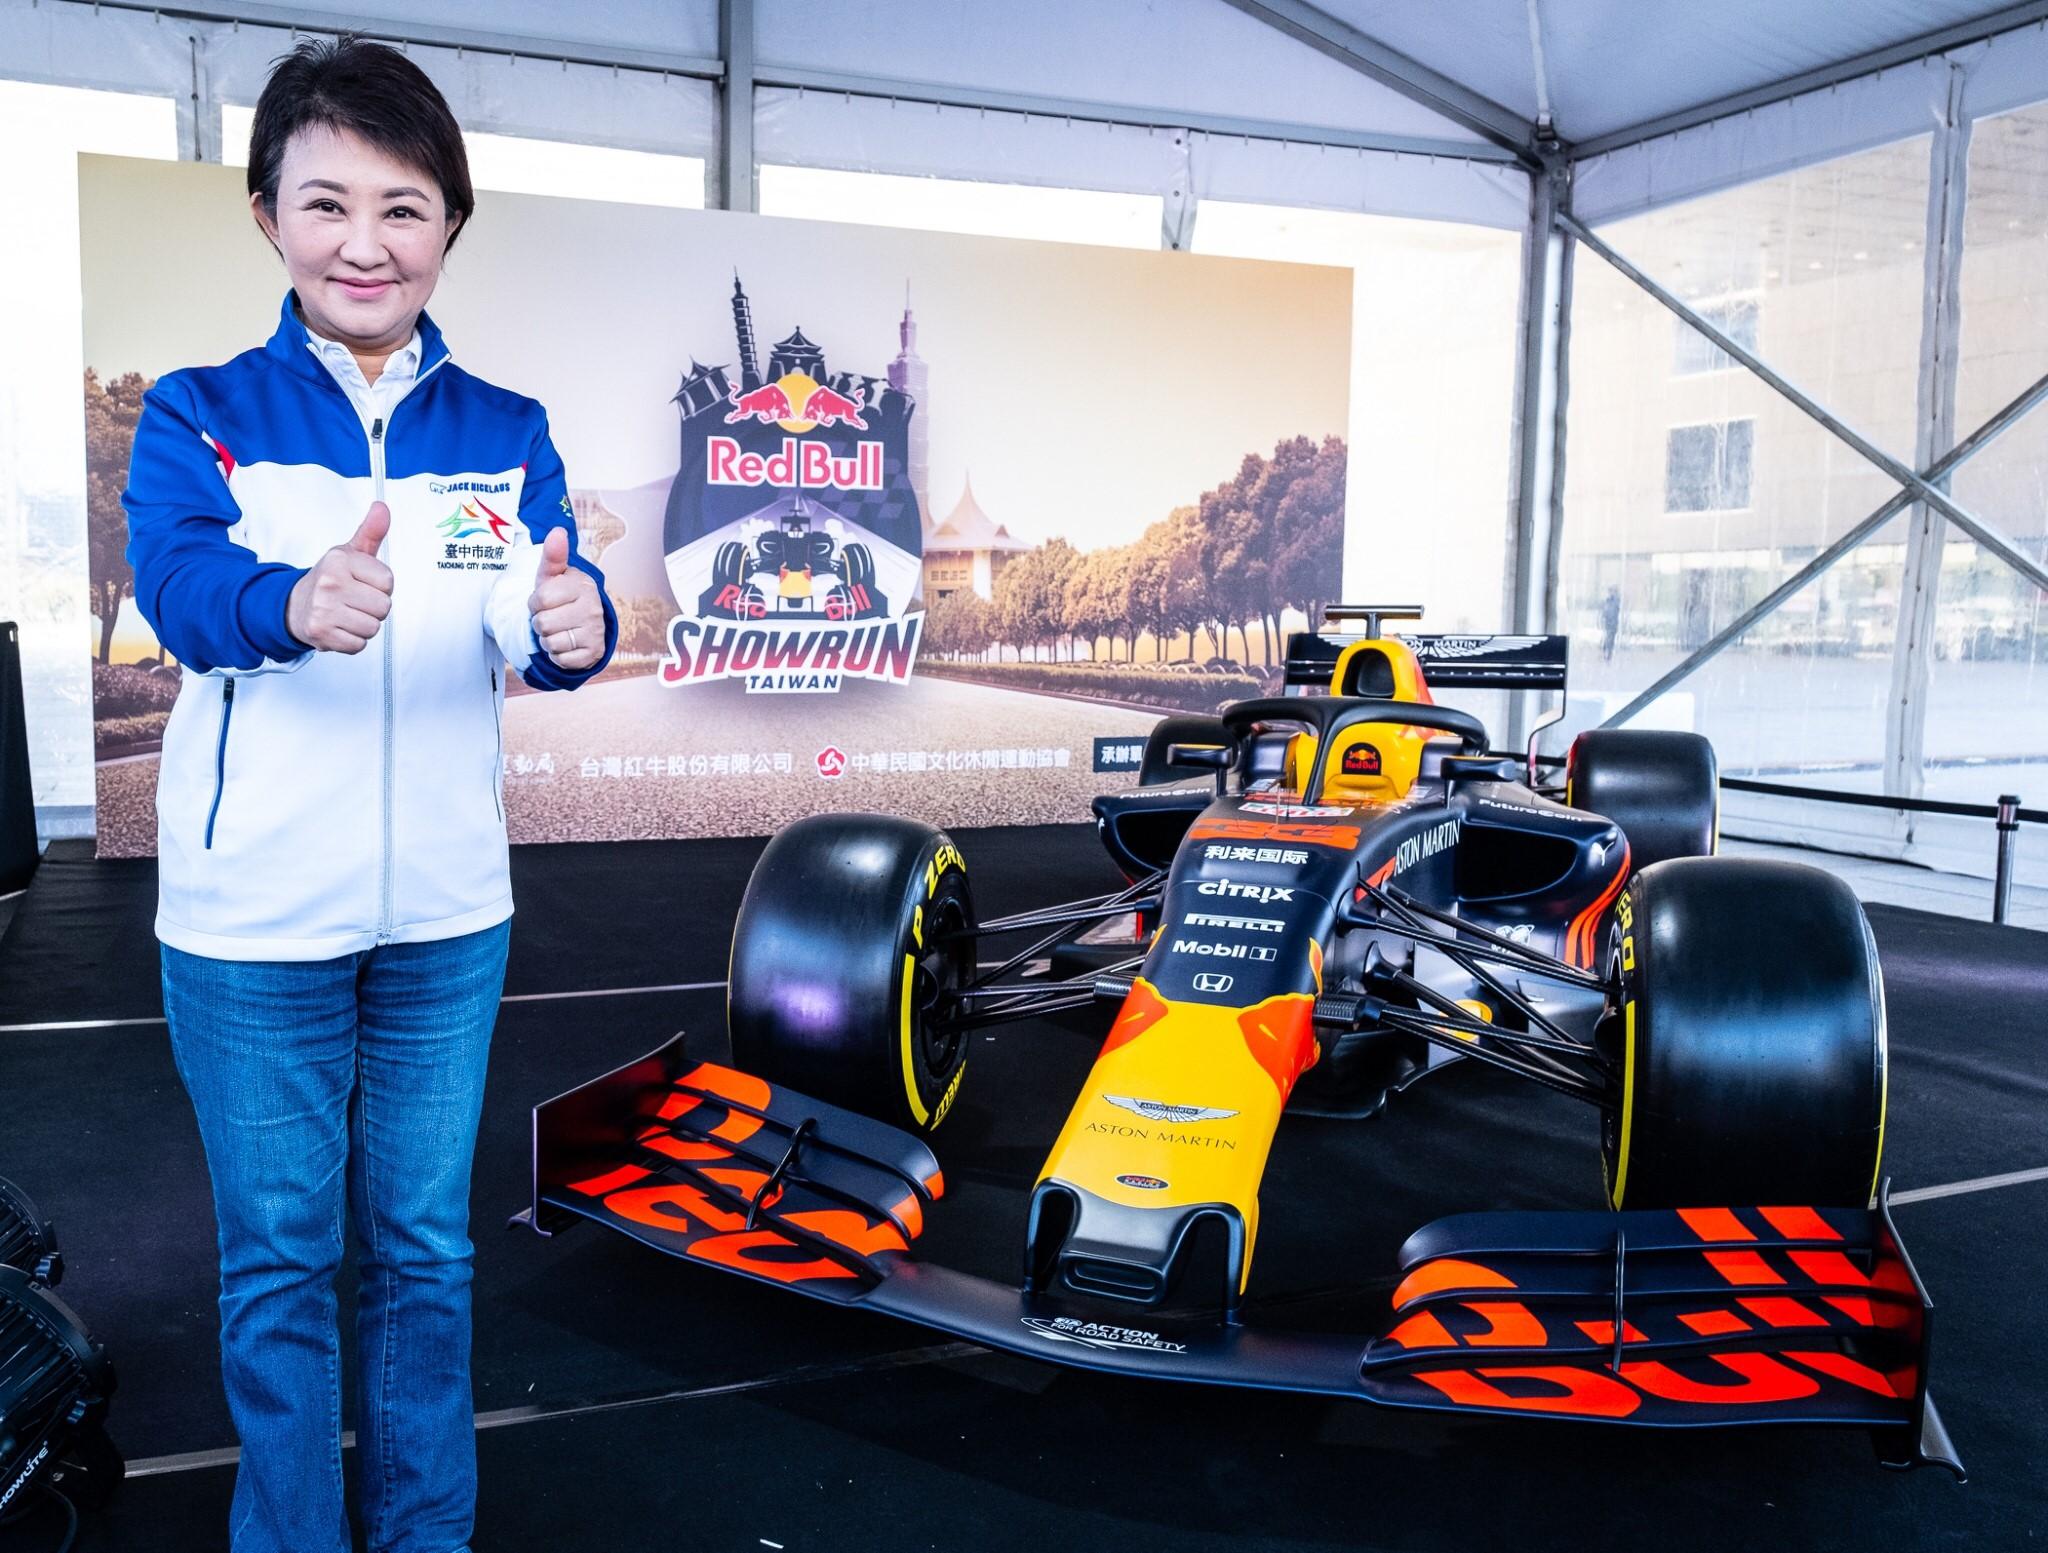 台中首度引進實體F1賽車原裝空運來台,掀起全國賽車運動話題